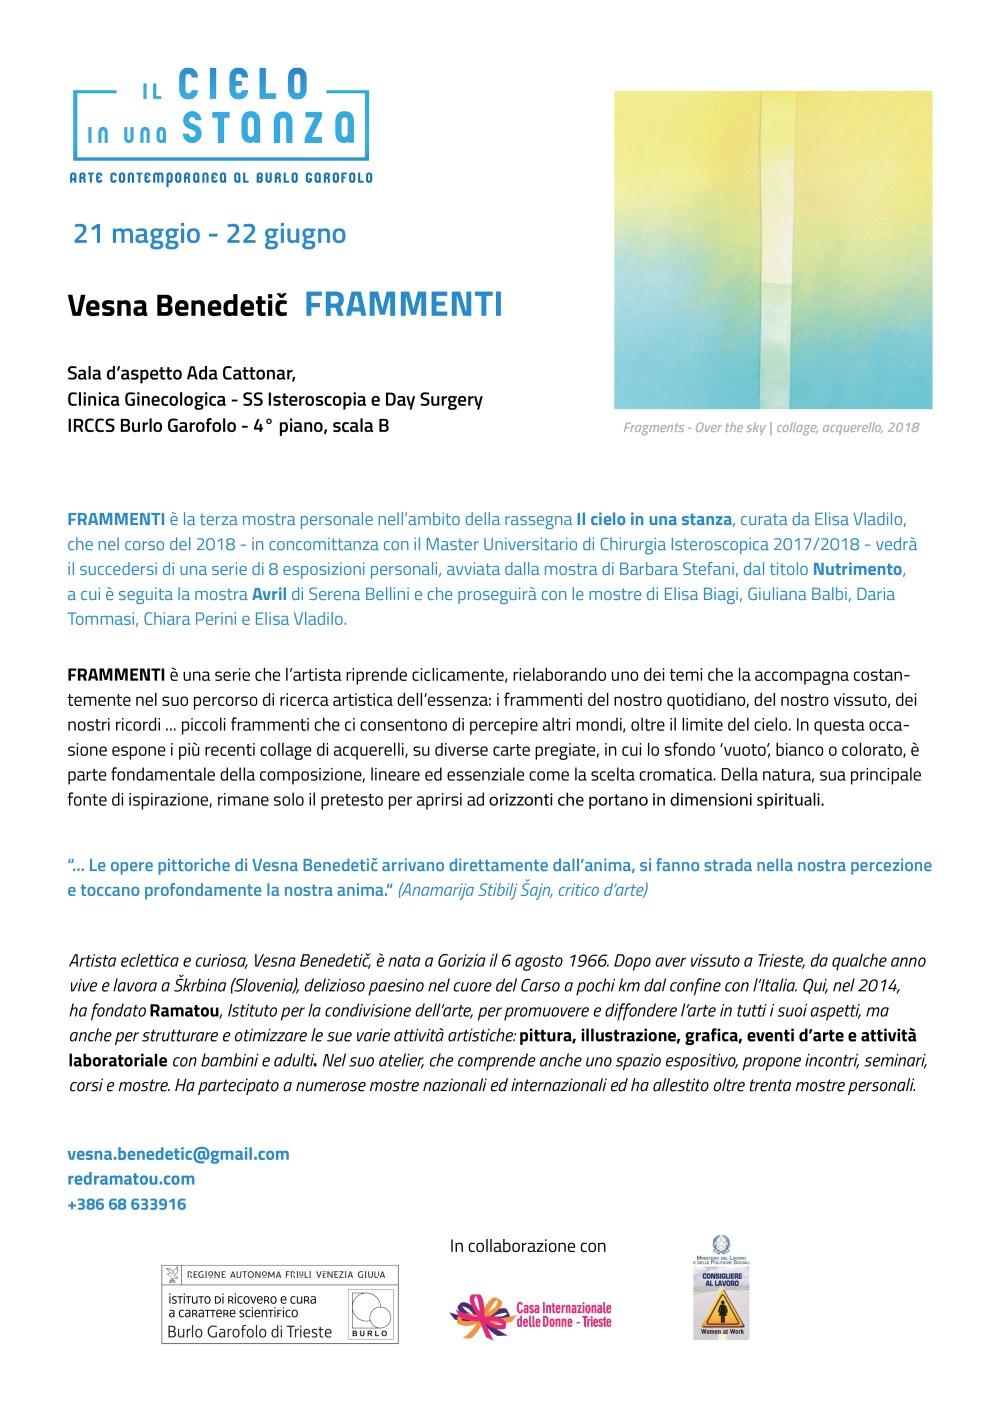 FRAMMENTI_benedetic_locandina